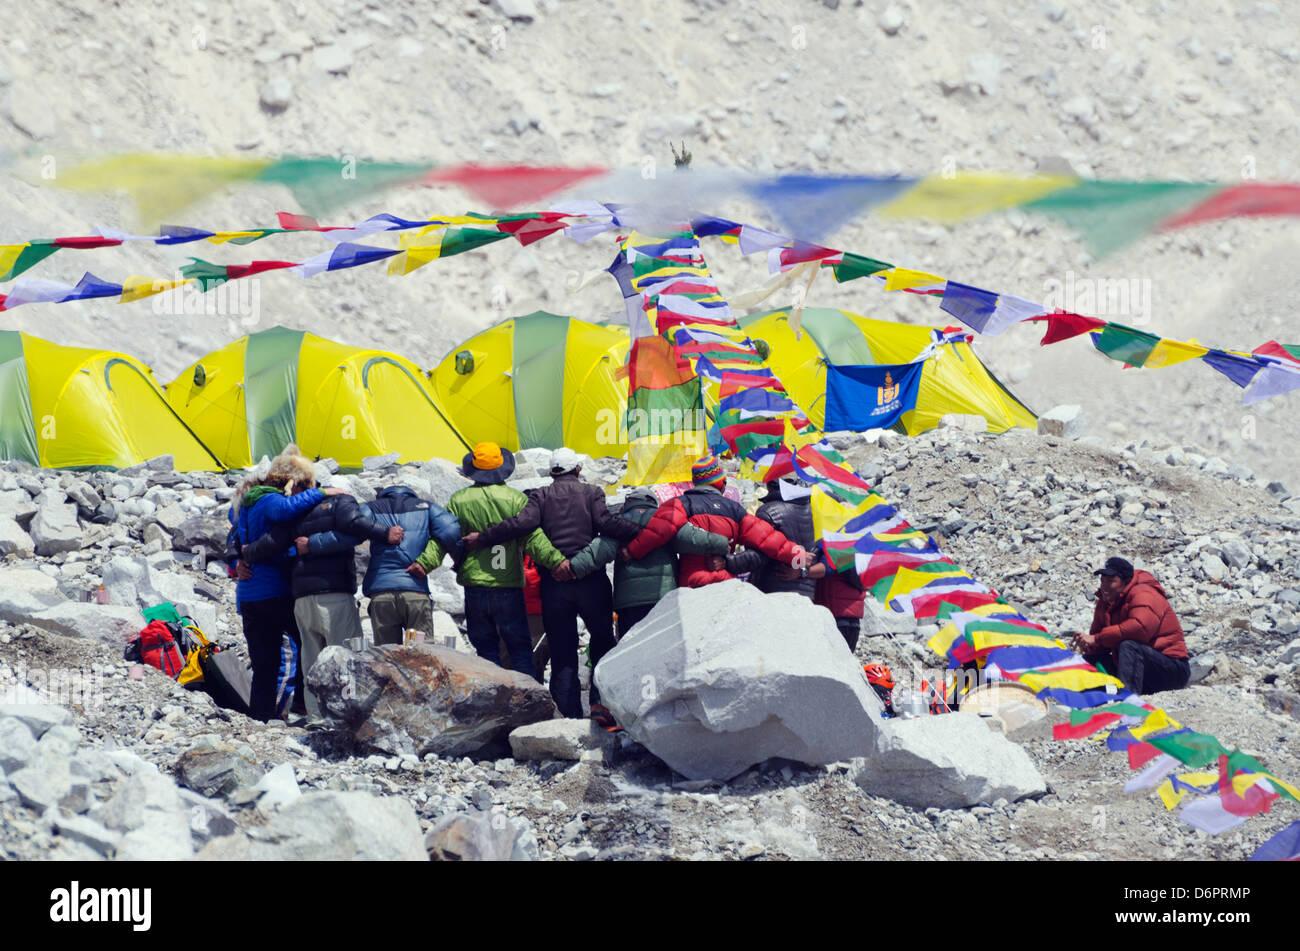 Asia, Nepal, Himalayas, Sagarmatha National Park, Solu Khumbu Everest Region, Unesco Site, Puja ceremony at Everest - Stock Image